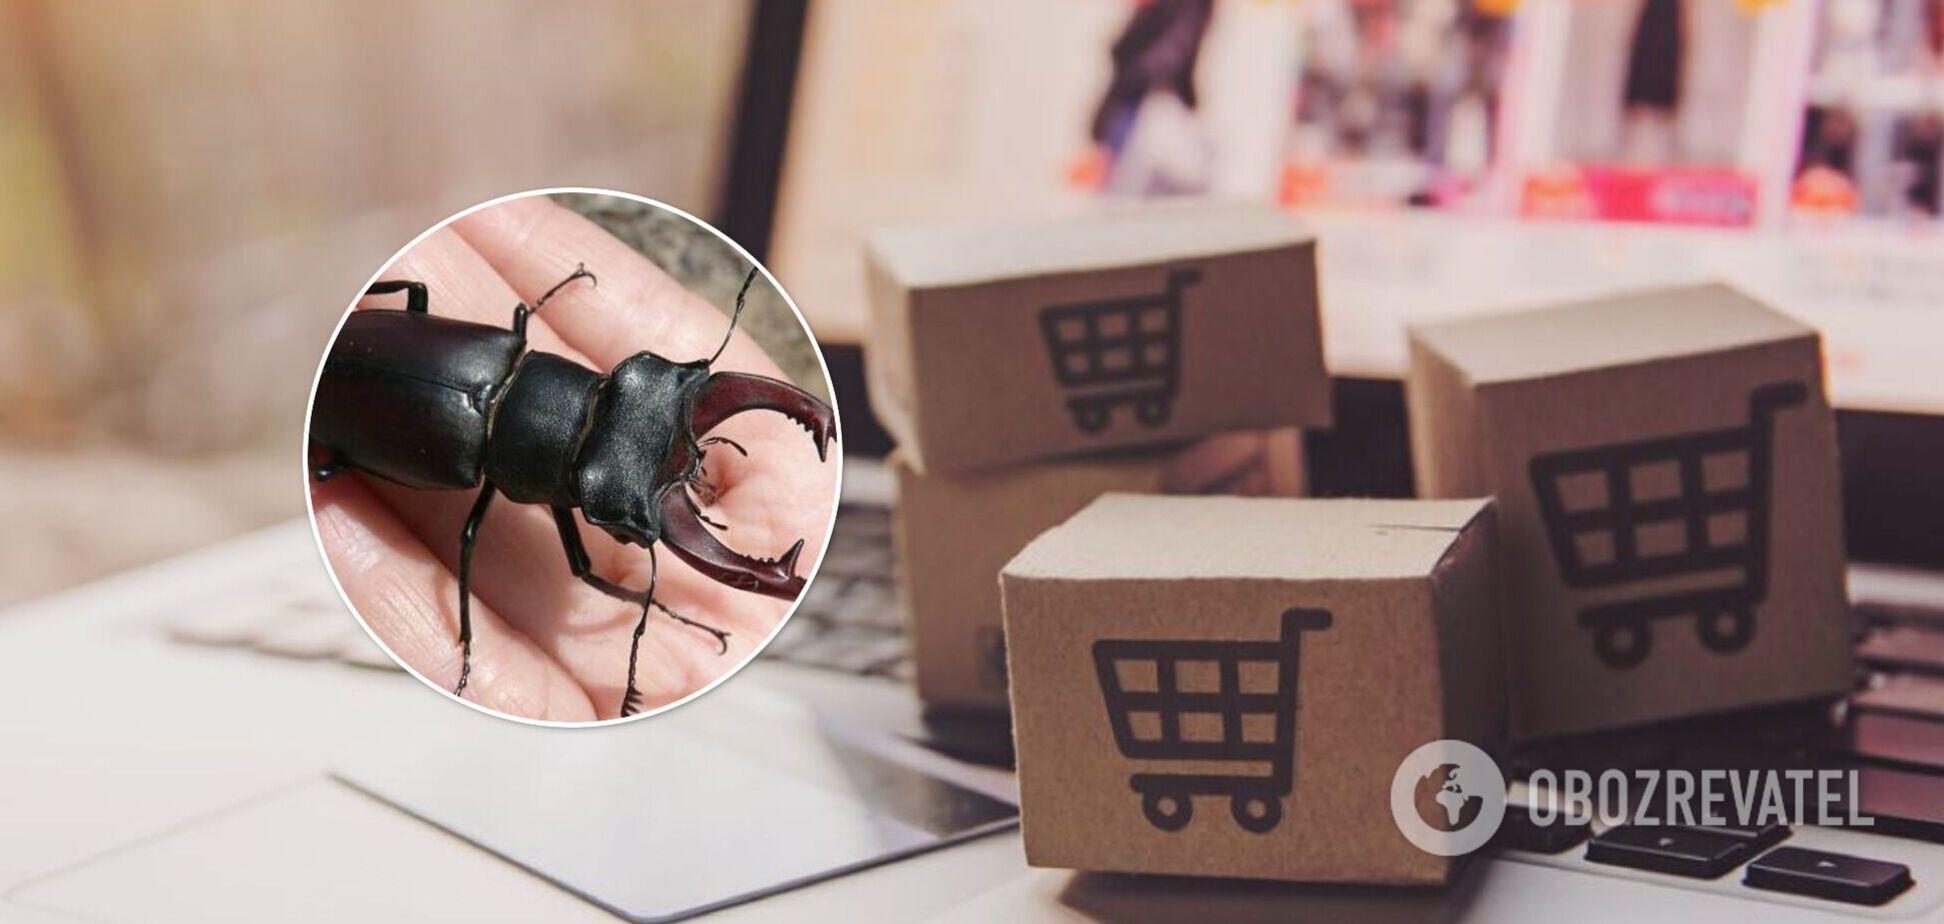 Жука продають в інтернеті